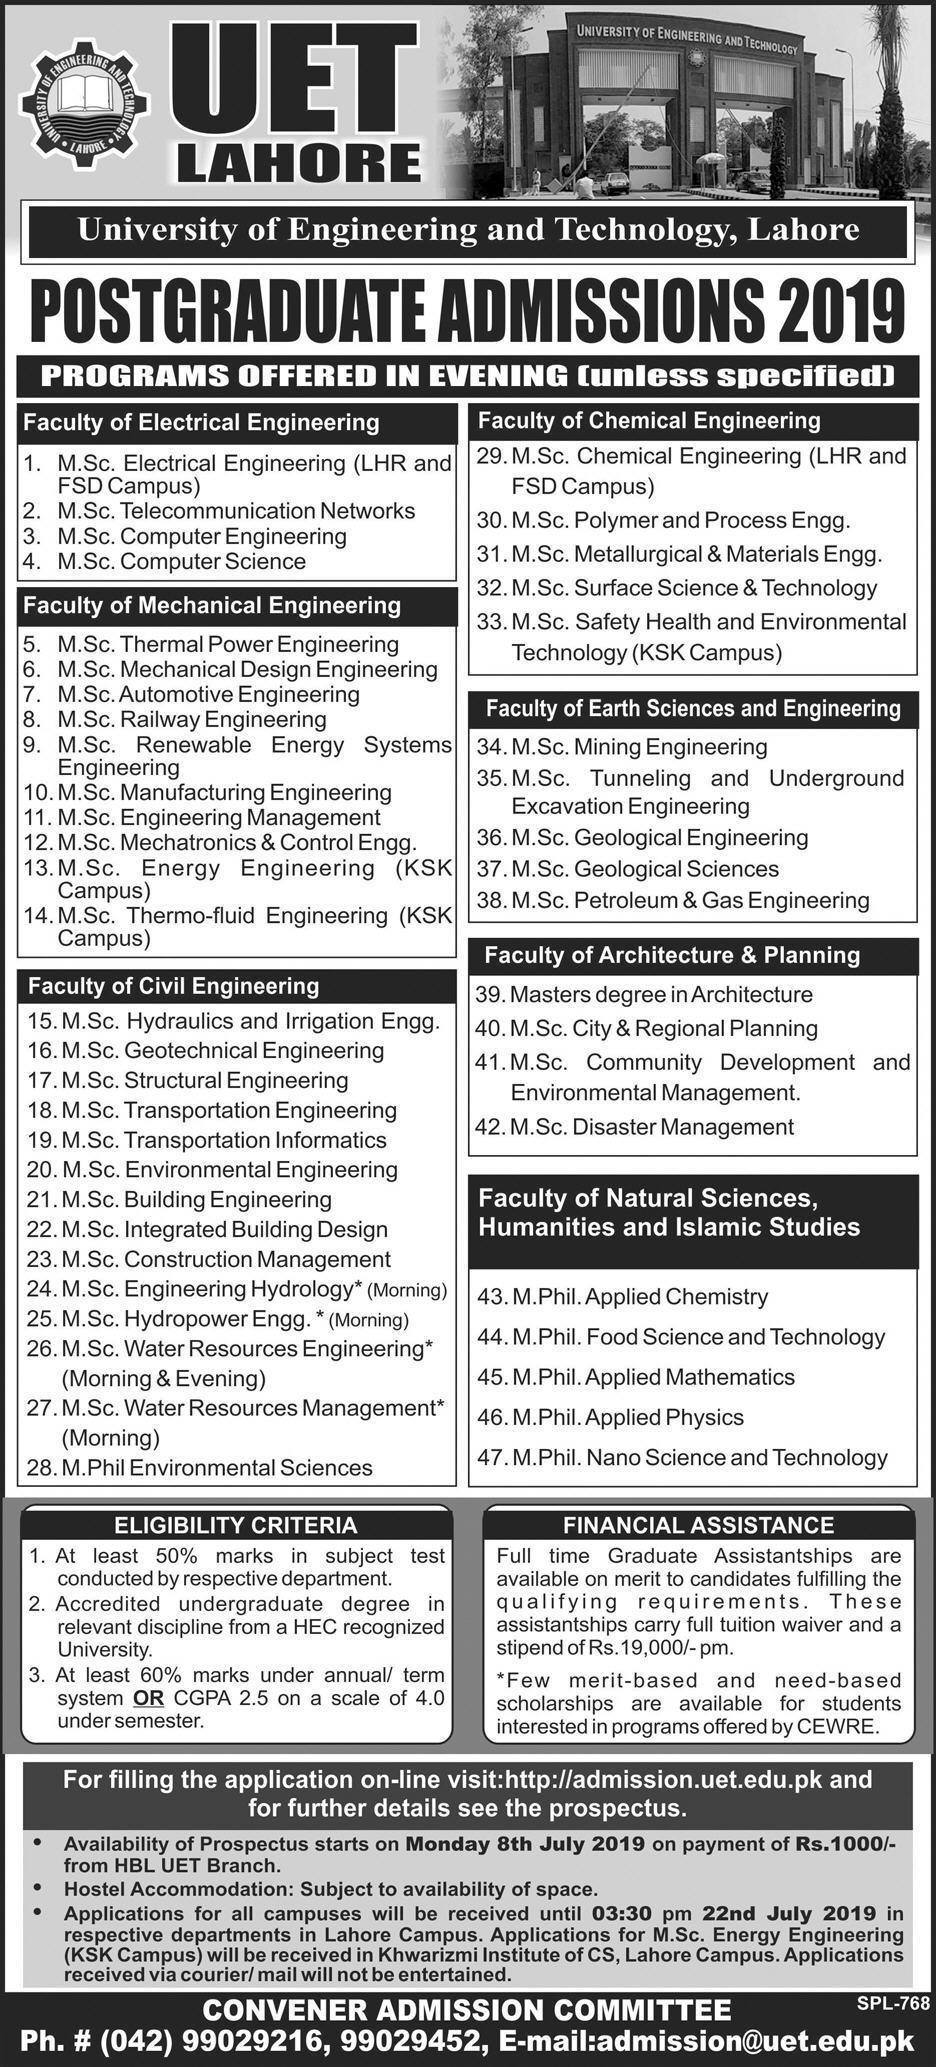 UET Lahore Postgraduate Admission 2019